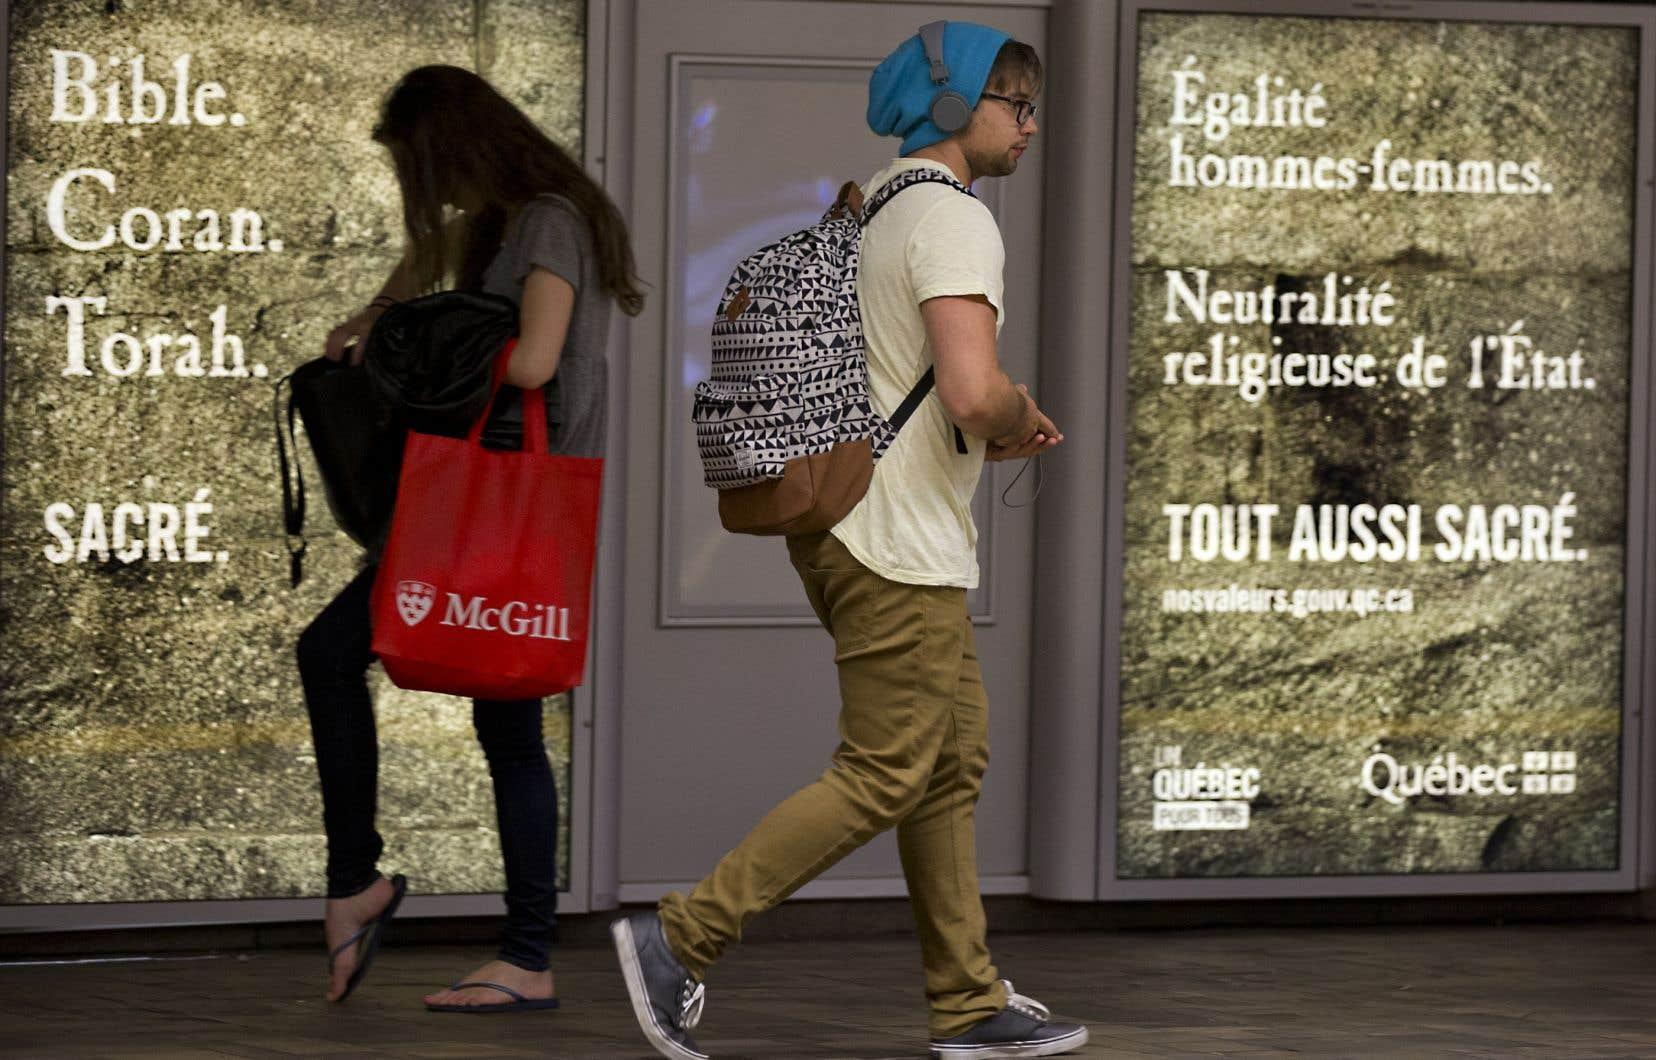 La loi sur l'obligation de neutralité religieuse de l'État est essentielle pour encadrer les accommodements religieux qui ont fait couler beaucoup d'encre et ont engendré de grandes dépenses publiques, estime l'auteure.